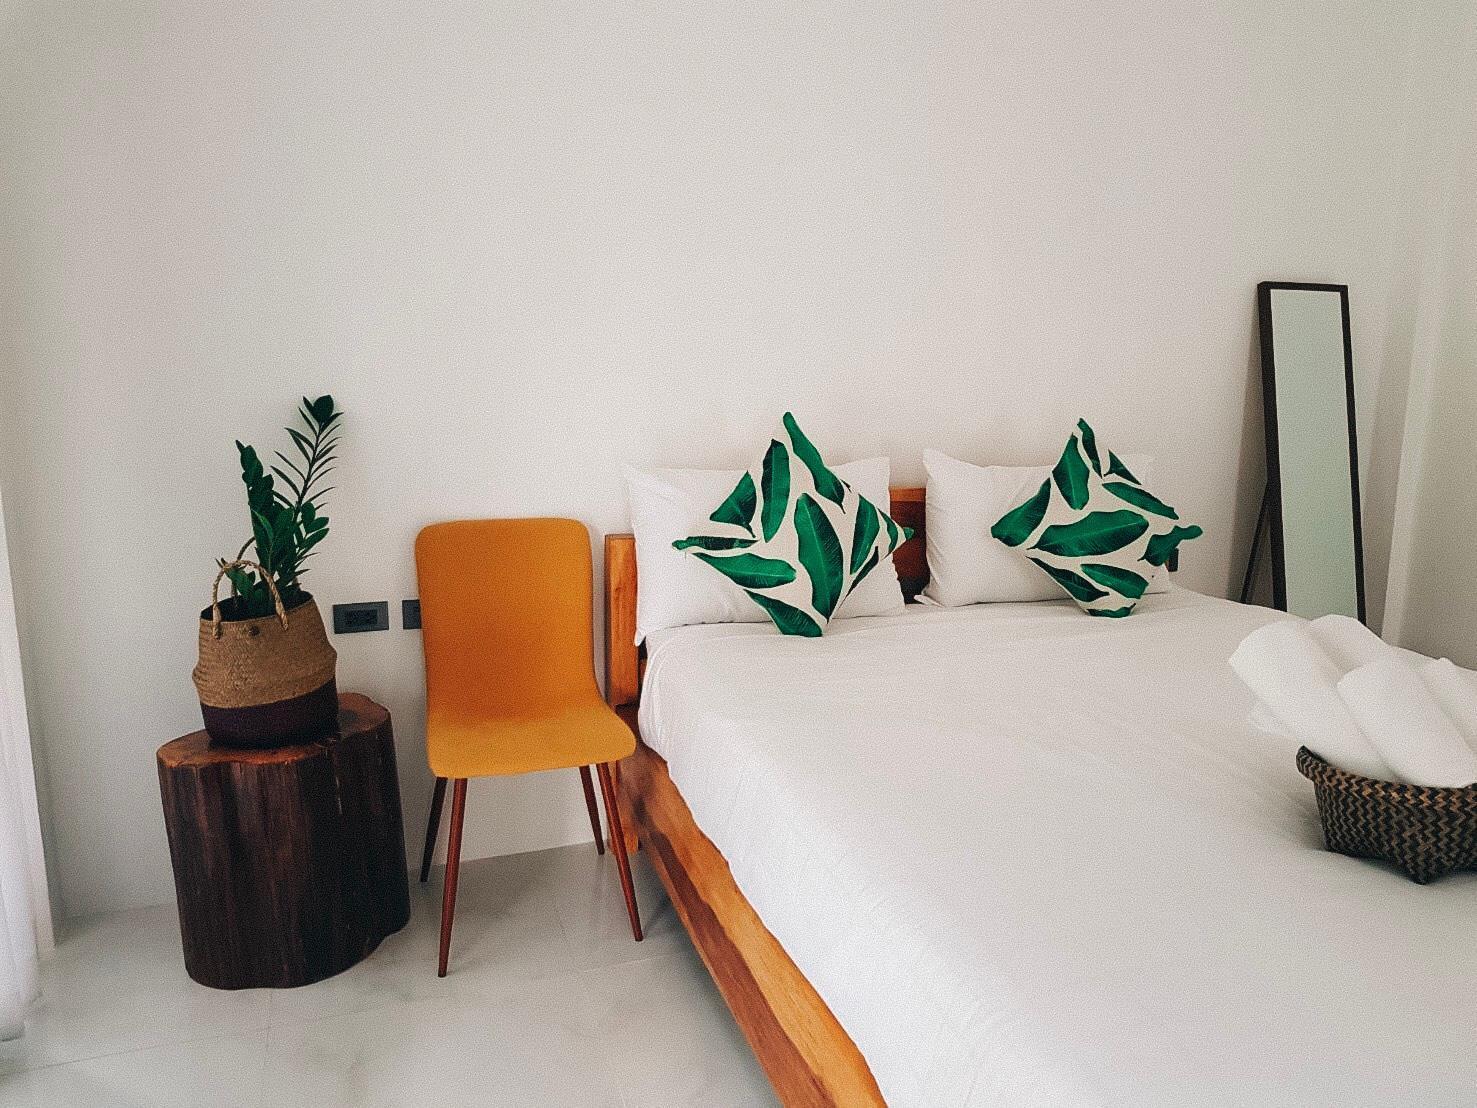 Maliblue cafe and bed,khanom สตูดิโอ บังกะโล 1 ห้องน้ำส่วนตัว ขนาด 32 ตร.ม. – ริมน้ำ